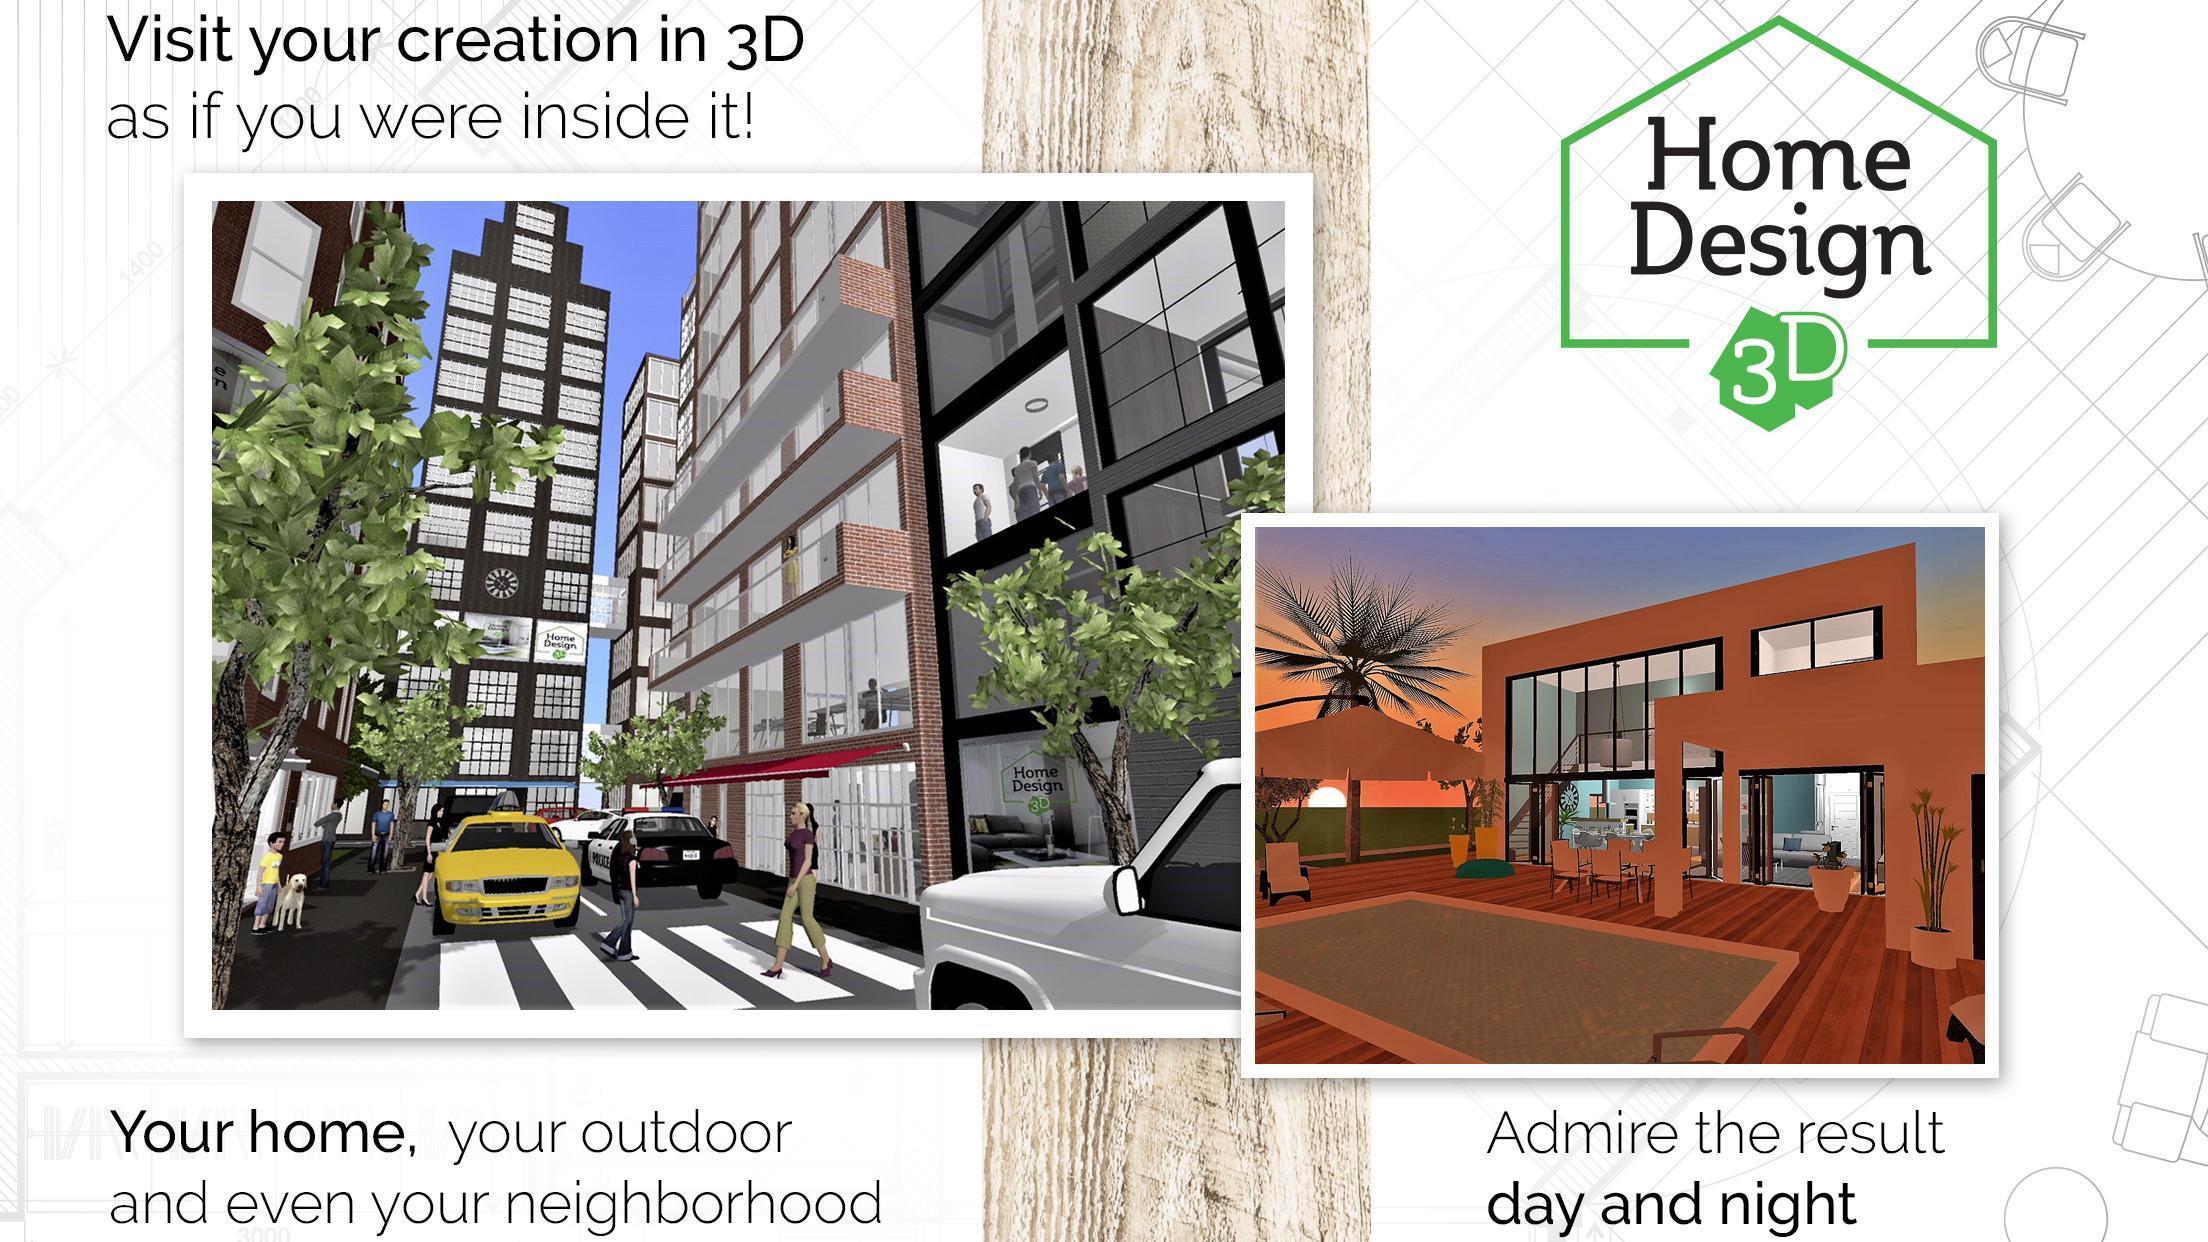 Home Design 3D 4.4.4 Screenshot 15